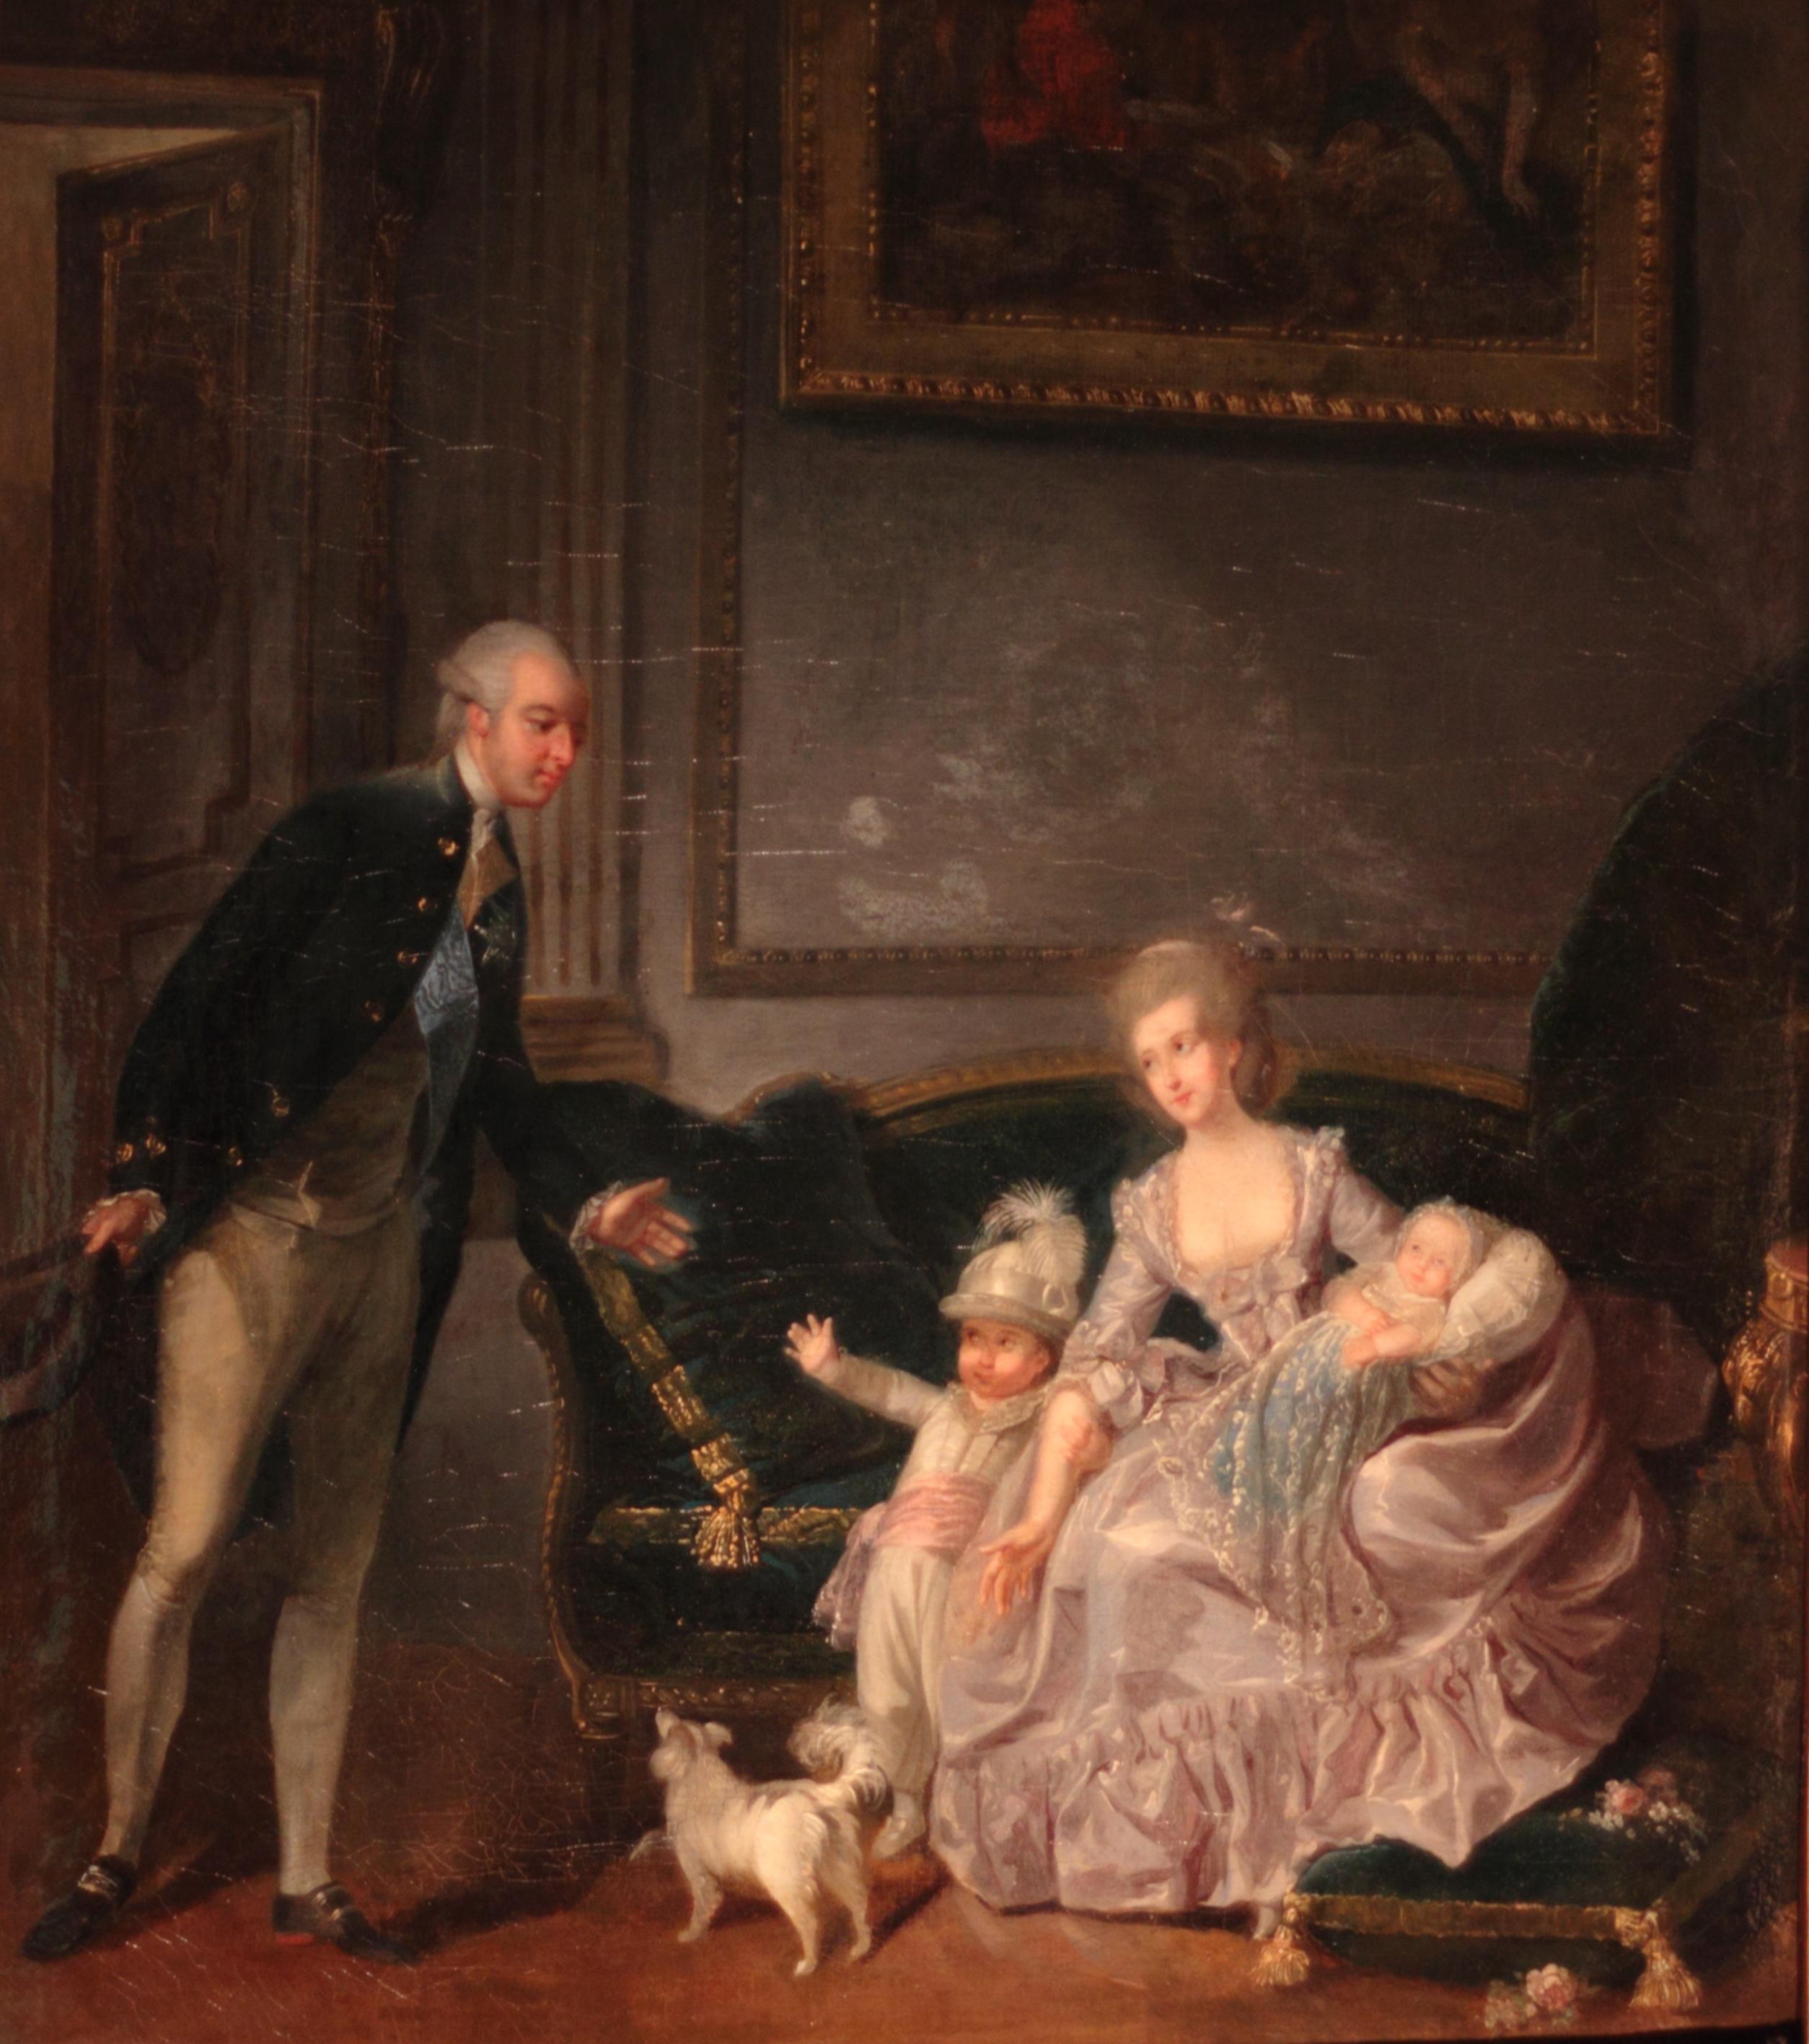 Fichier:Le Duc de Chartres et sa famille.jpg — Wikipédia